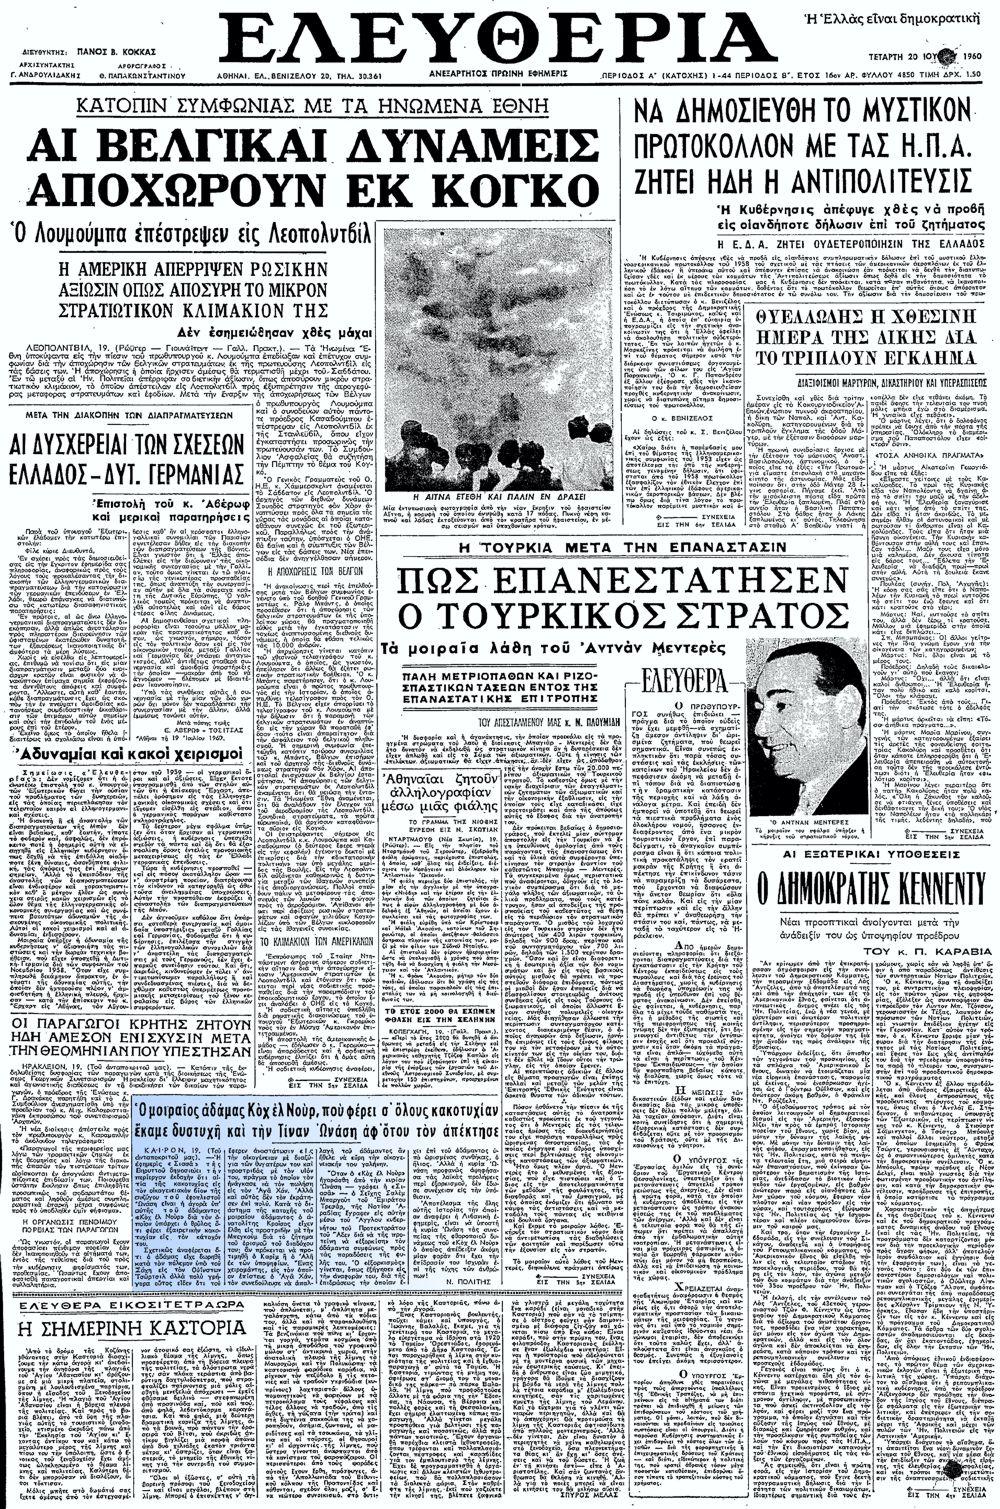 """Το άρθρο, όπως δημοσιεύθηκε στην εφημερίδα """"ΕΛΕΥΘΕΡΙΑ"""", στις 20/07/1960"""